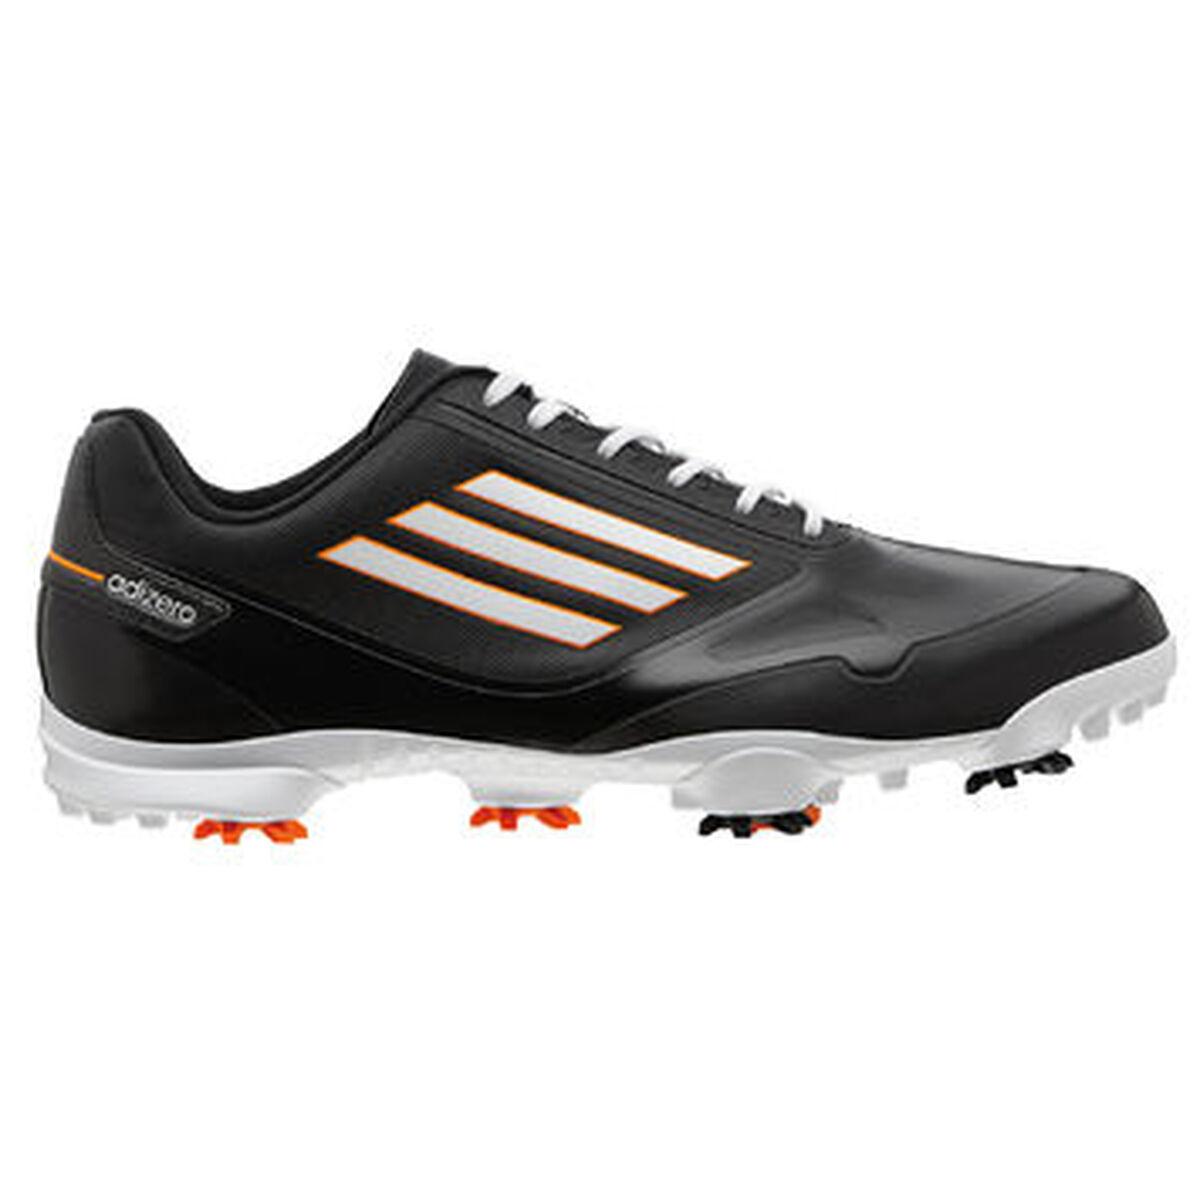 0d68a5903a0 Images. adidas adizero one Men  39 s Golf Shoe - Black